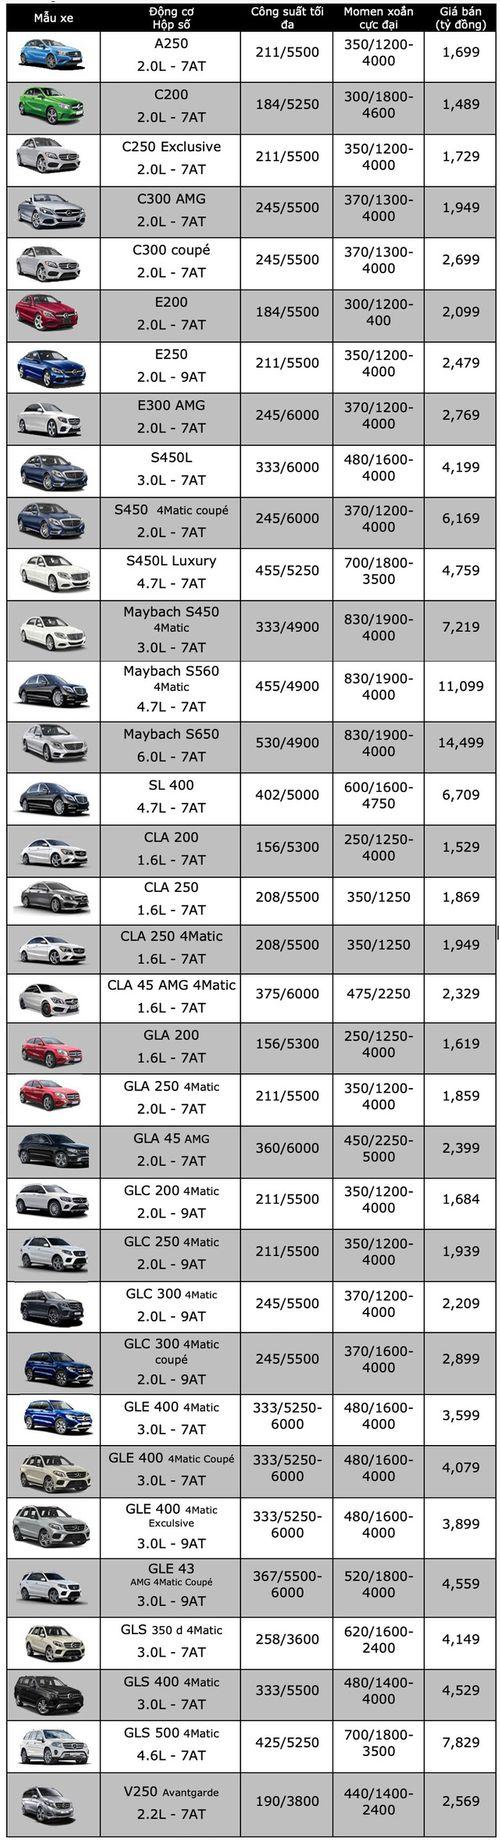 """Bảng giá xe Mercedes mới nhất tháng 1/2019: """"Ông hoàng"""" Maybach S650 vẫn án ngữ mức giá 14,5 tỷ đồng - Ảnh 3"""